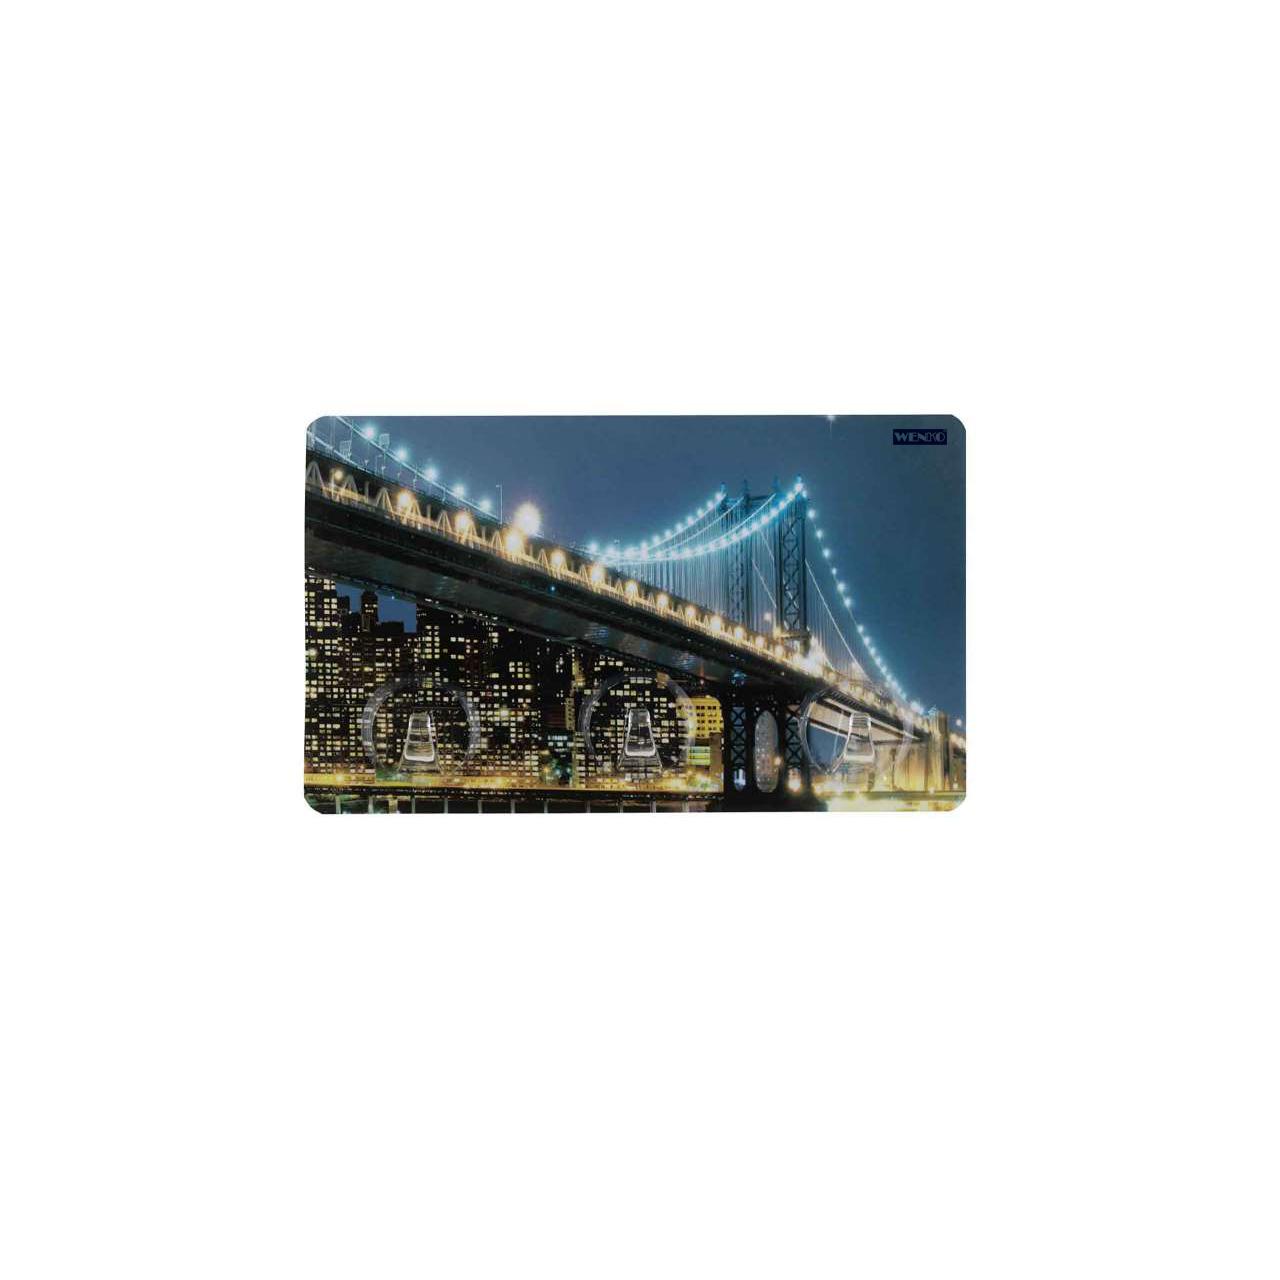 آویز حوله ونکو مدل Brooklyn Bridge thumb